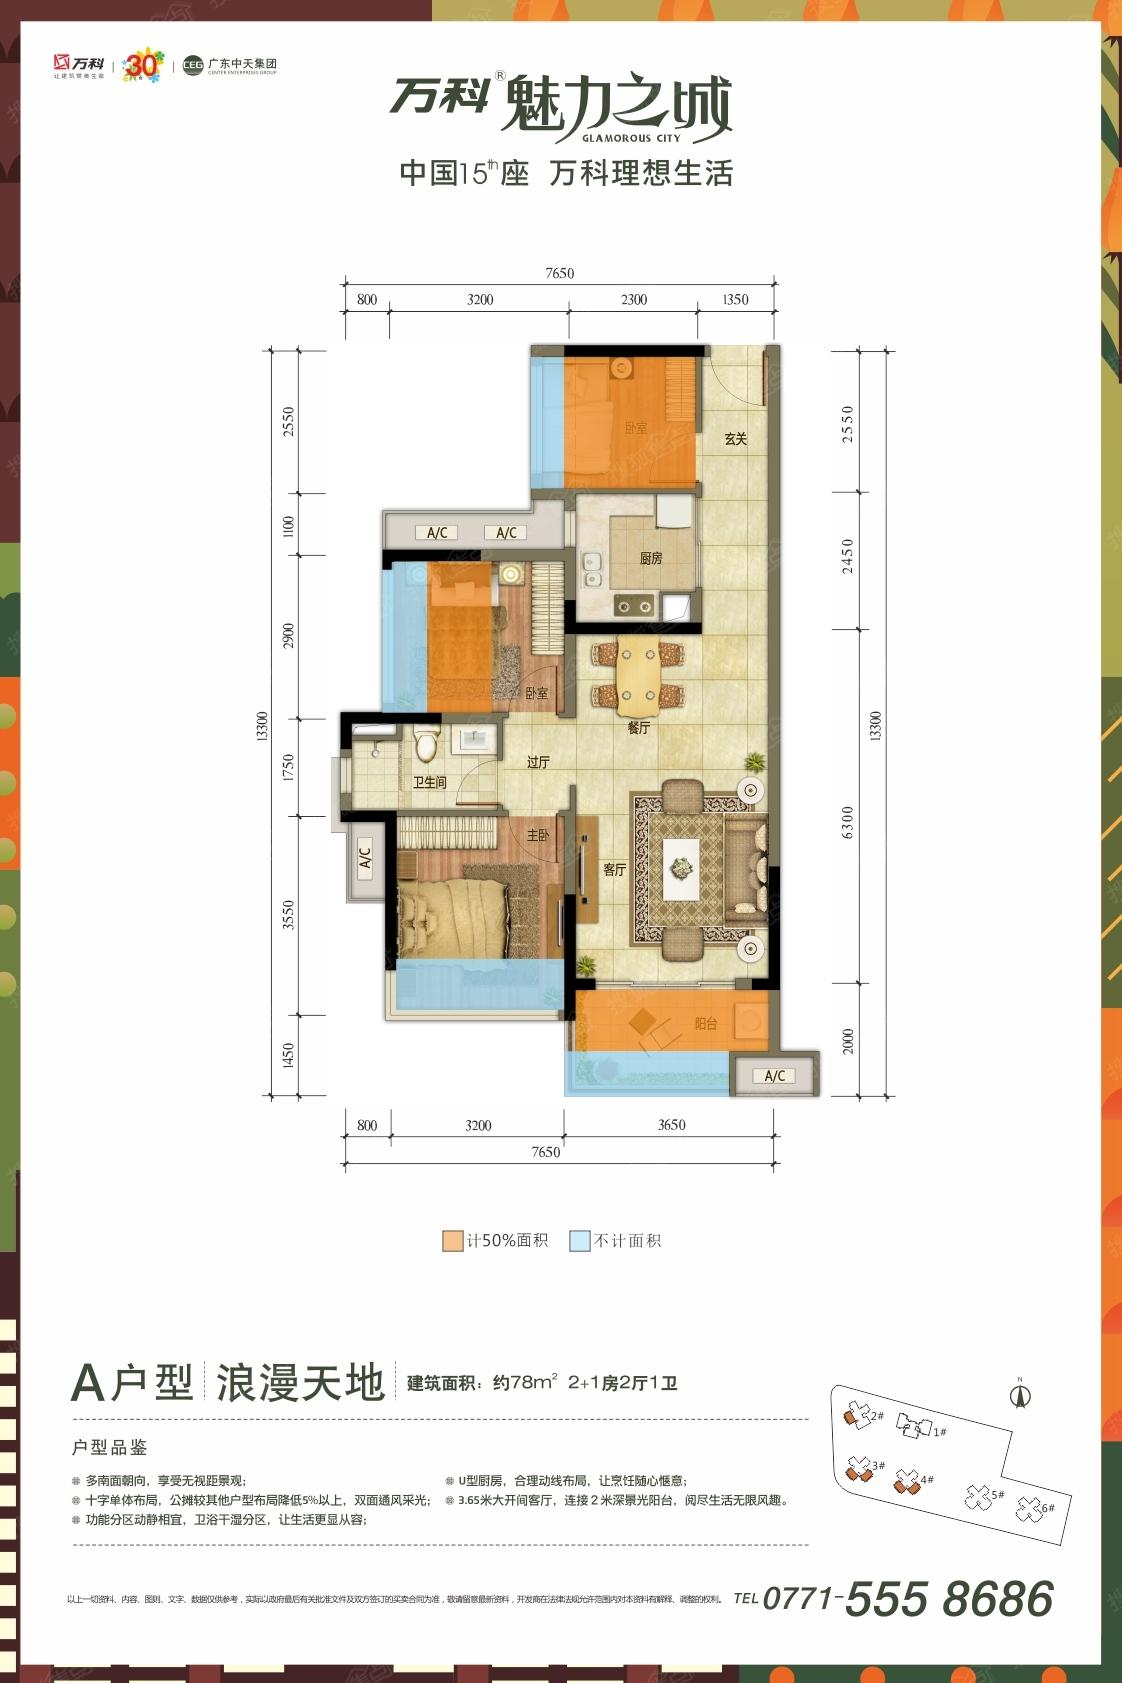 万科魅力之城-a-三室两厅一卫-78.00㎡